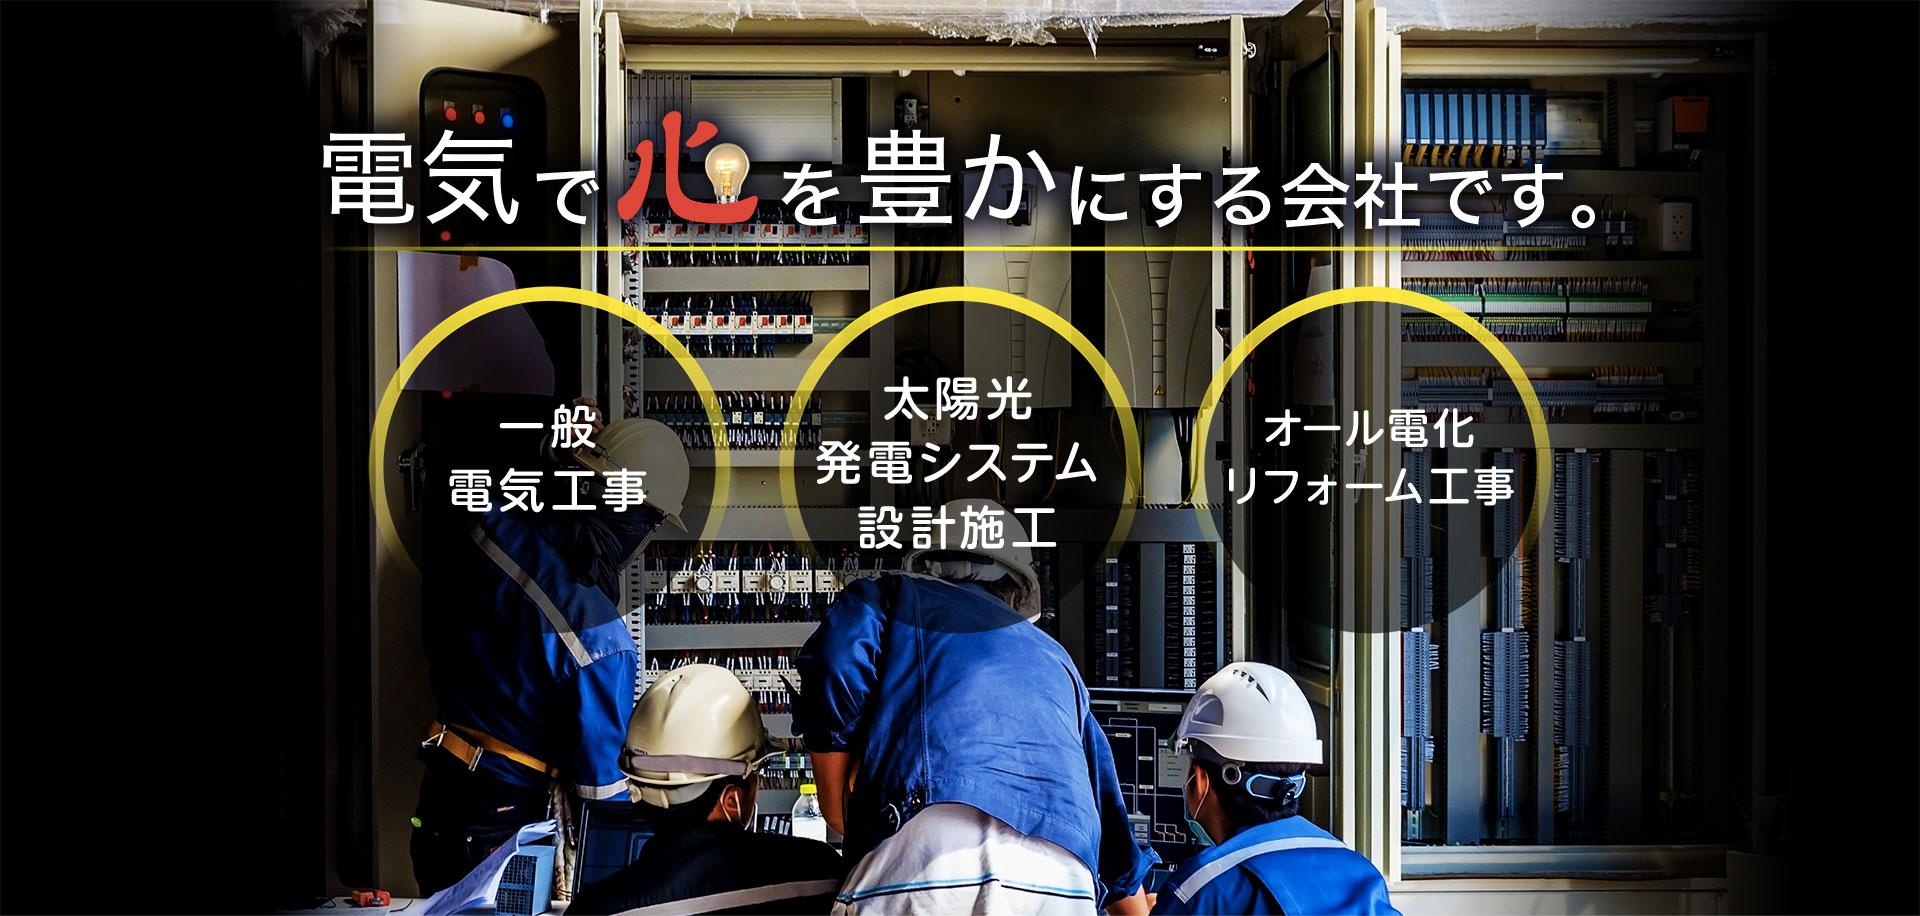 青森県八戸市 有限会社 北陽電設 電気で心を豊かにする会社です。(一般工事・太陽光発電システム設計施工・オール電化 リフォーム工事)